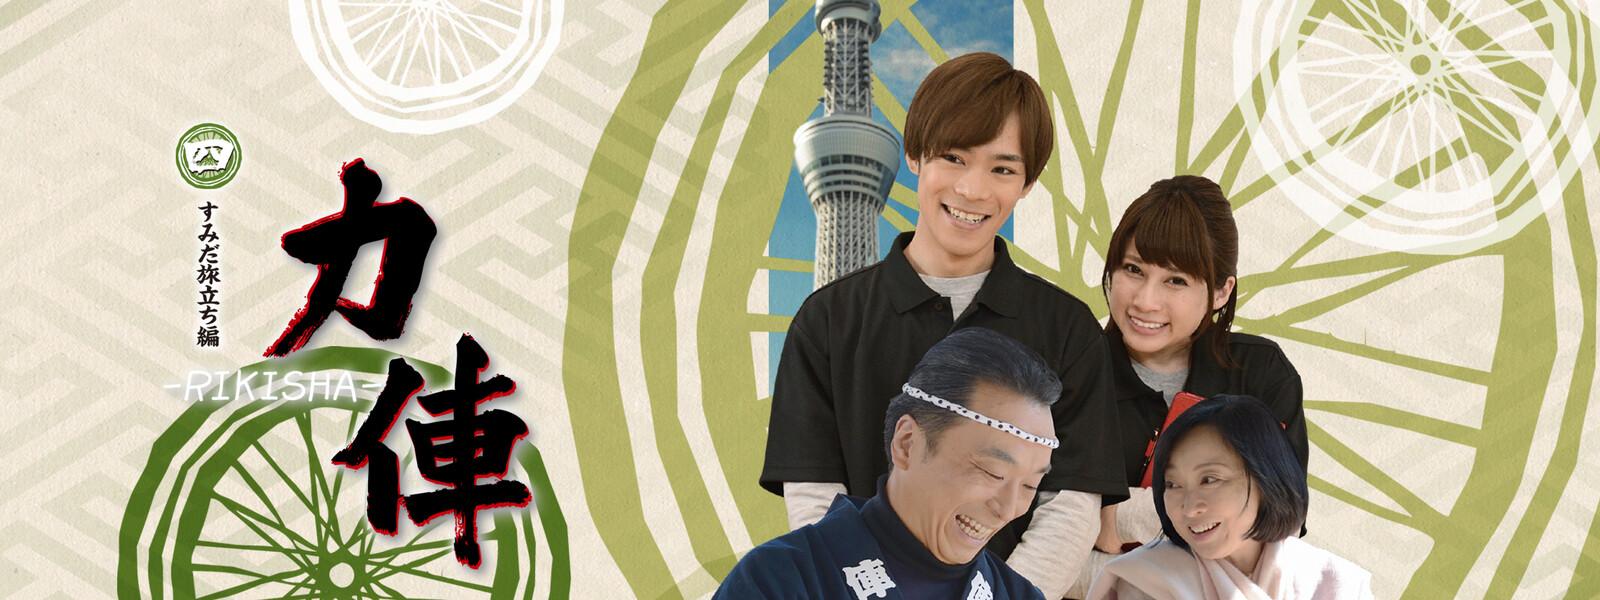 力俥-RIKISHA- 4 すみだ旅立ち編 動画